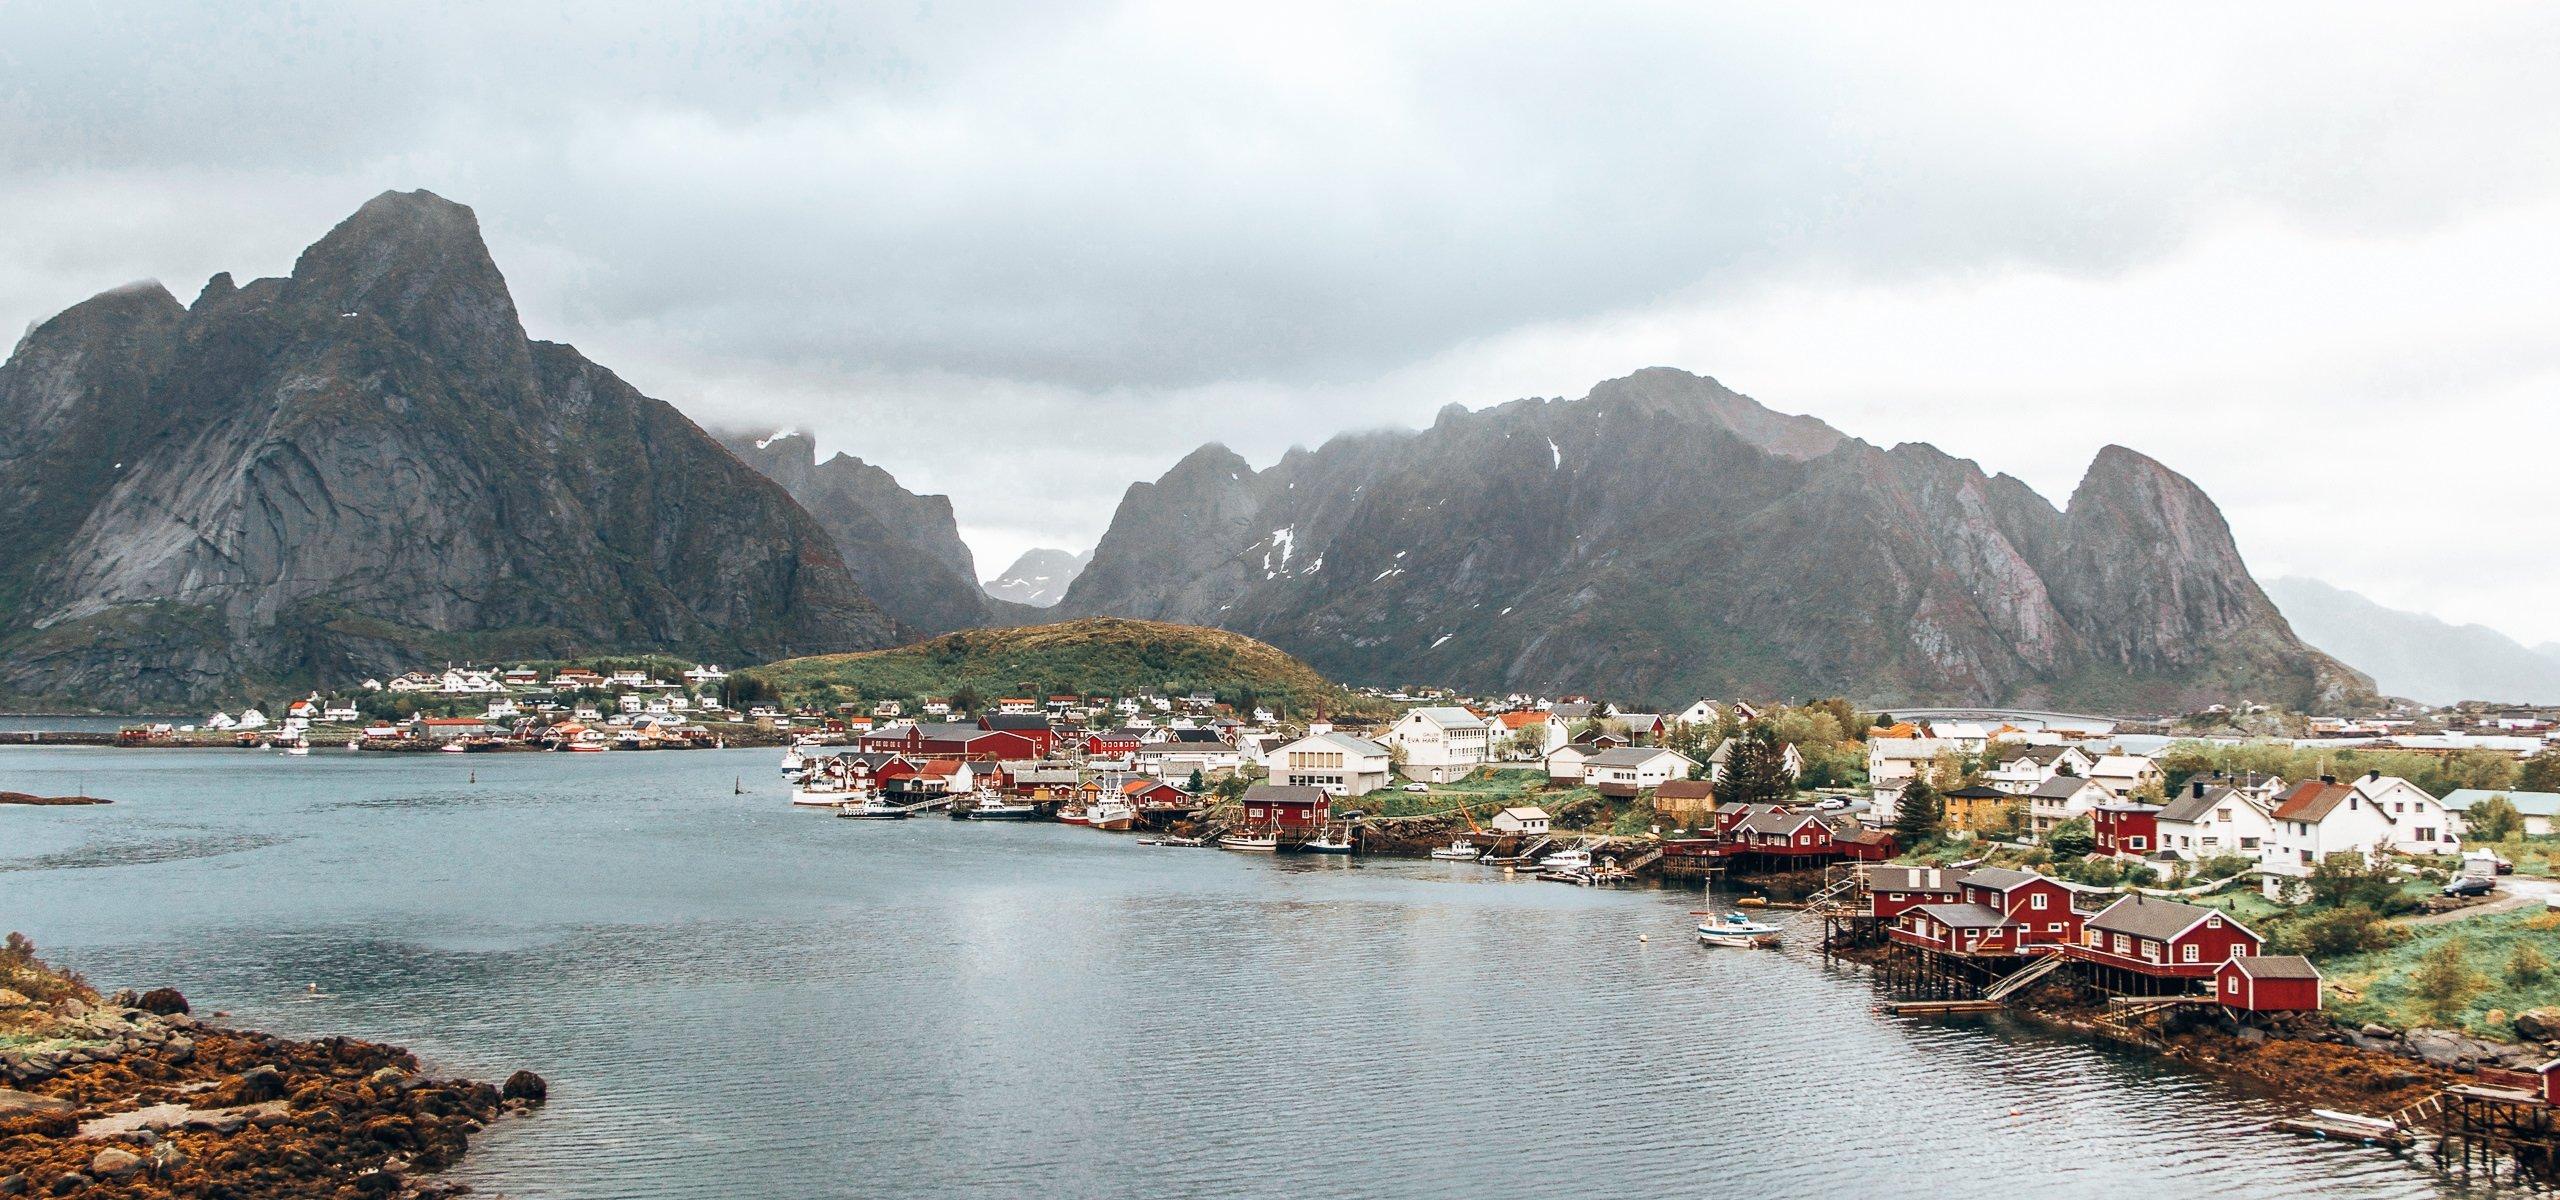 The township of Reine under grey skies - Lofoten Islands, Norway